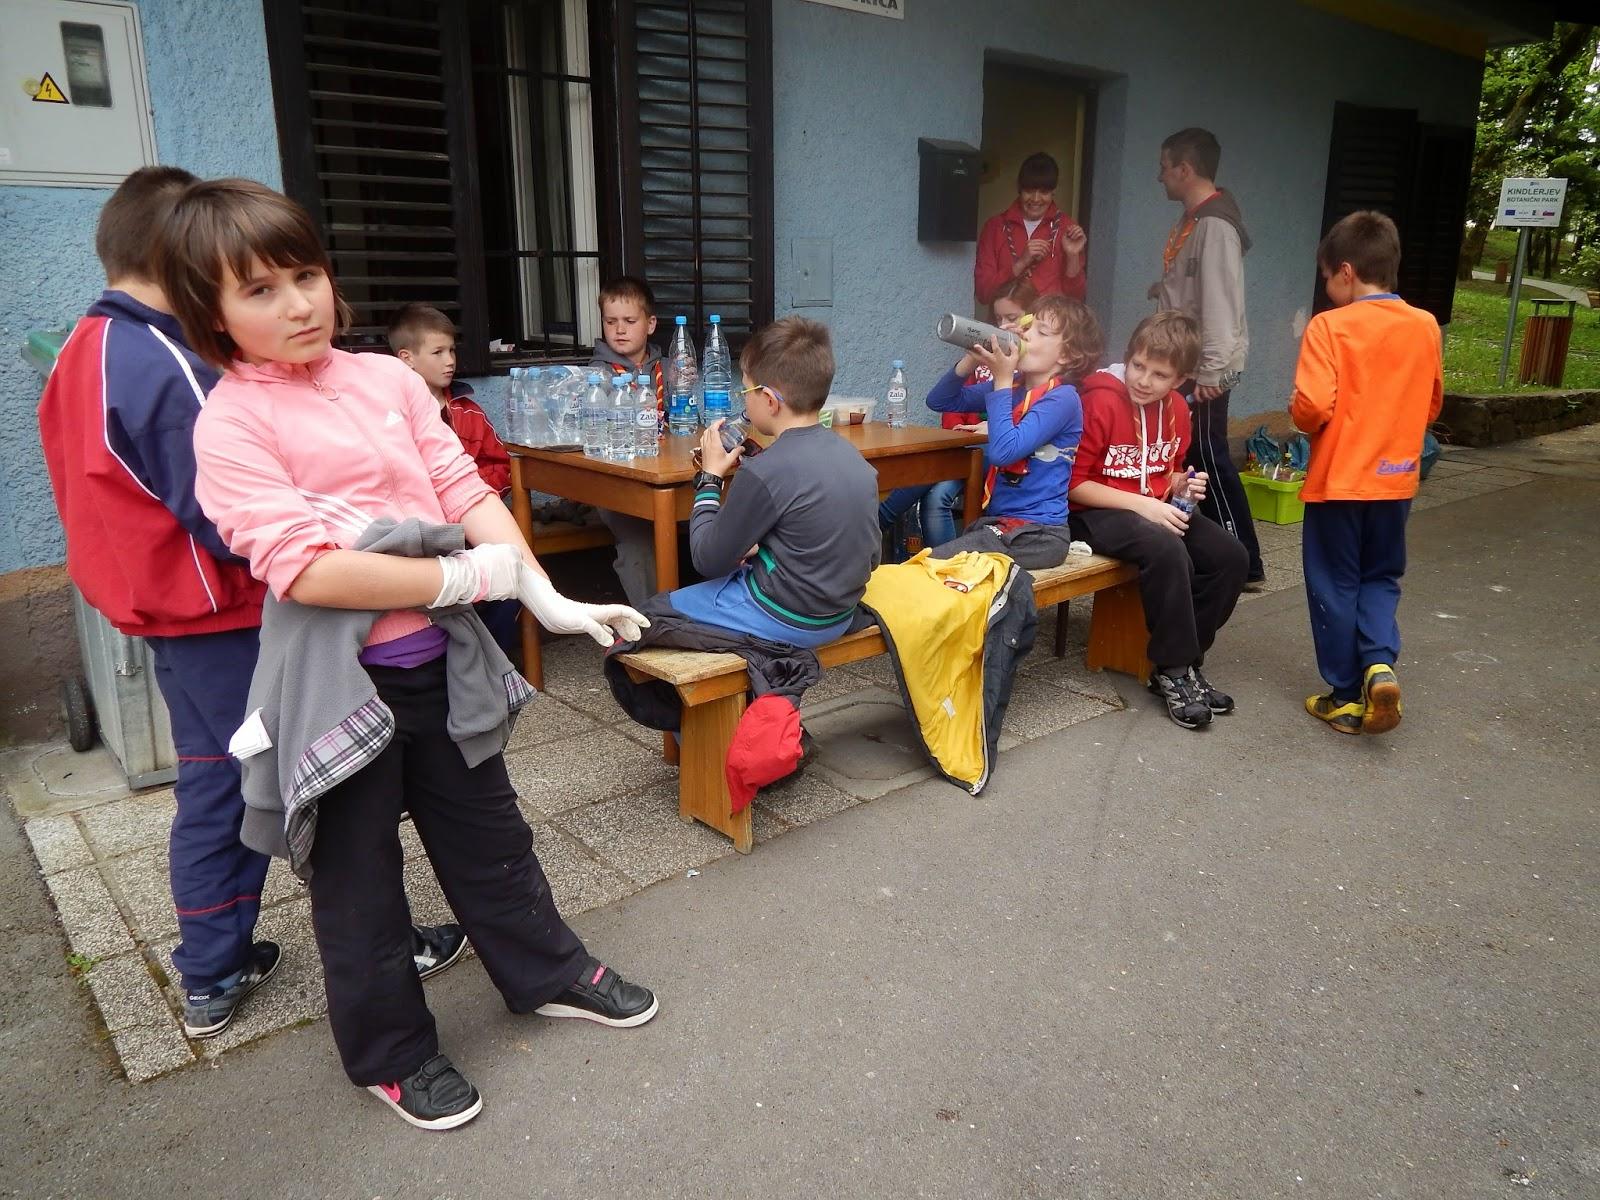 Čistilna akcija 2014, Ilirska Bistrica 2014 - DSCN1712.JPG